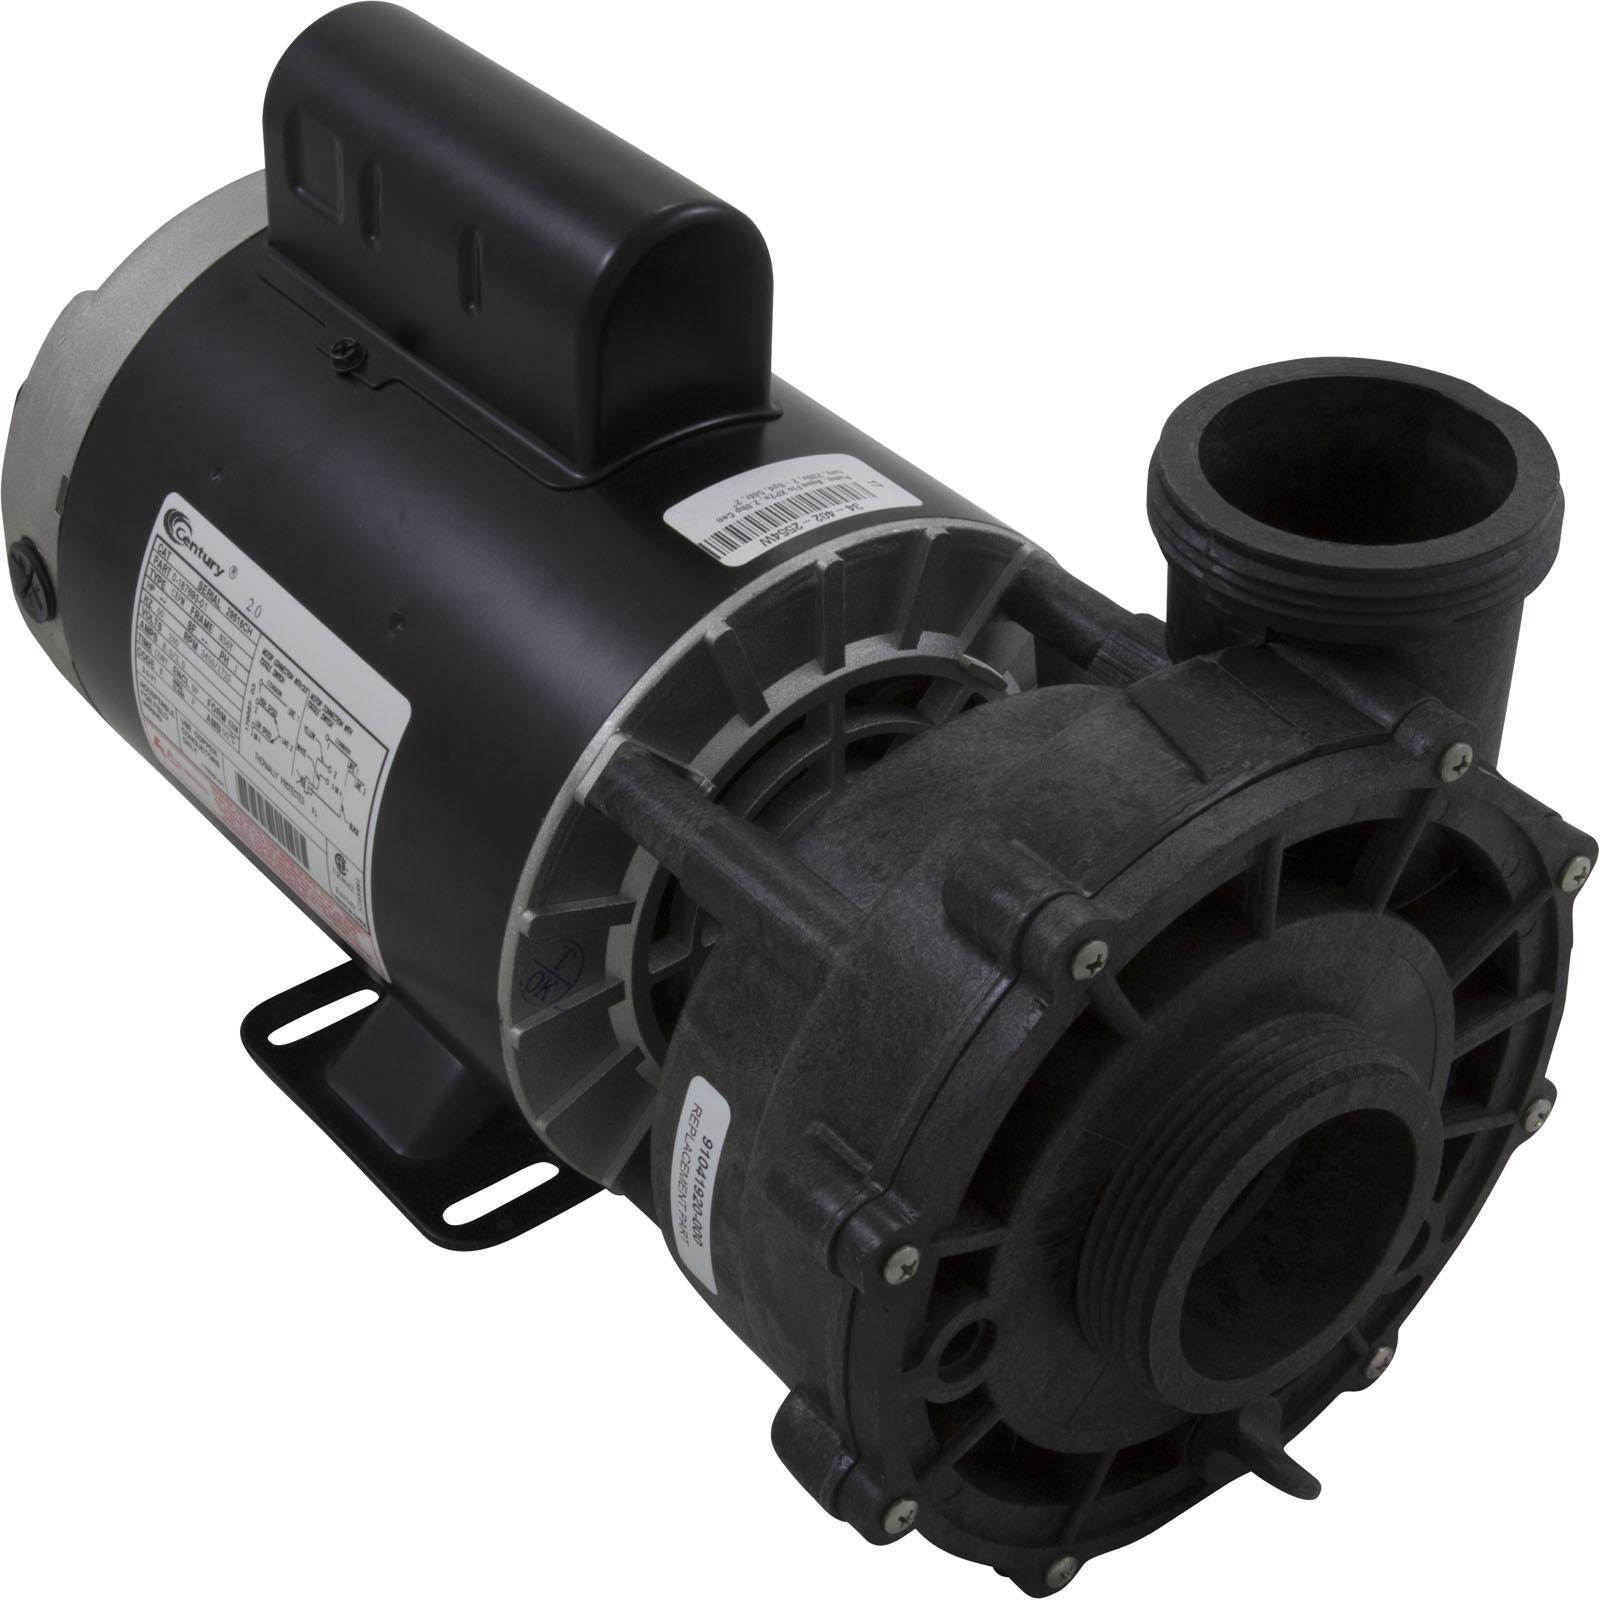 Pump, Aqua Flo XP2e, 2.0hp Century, 230v, 2-Spd, 56fr, 2